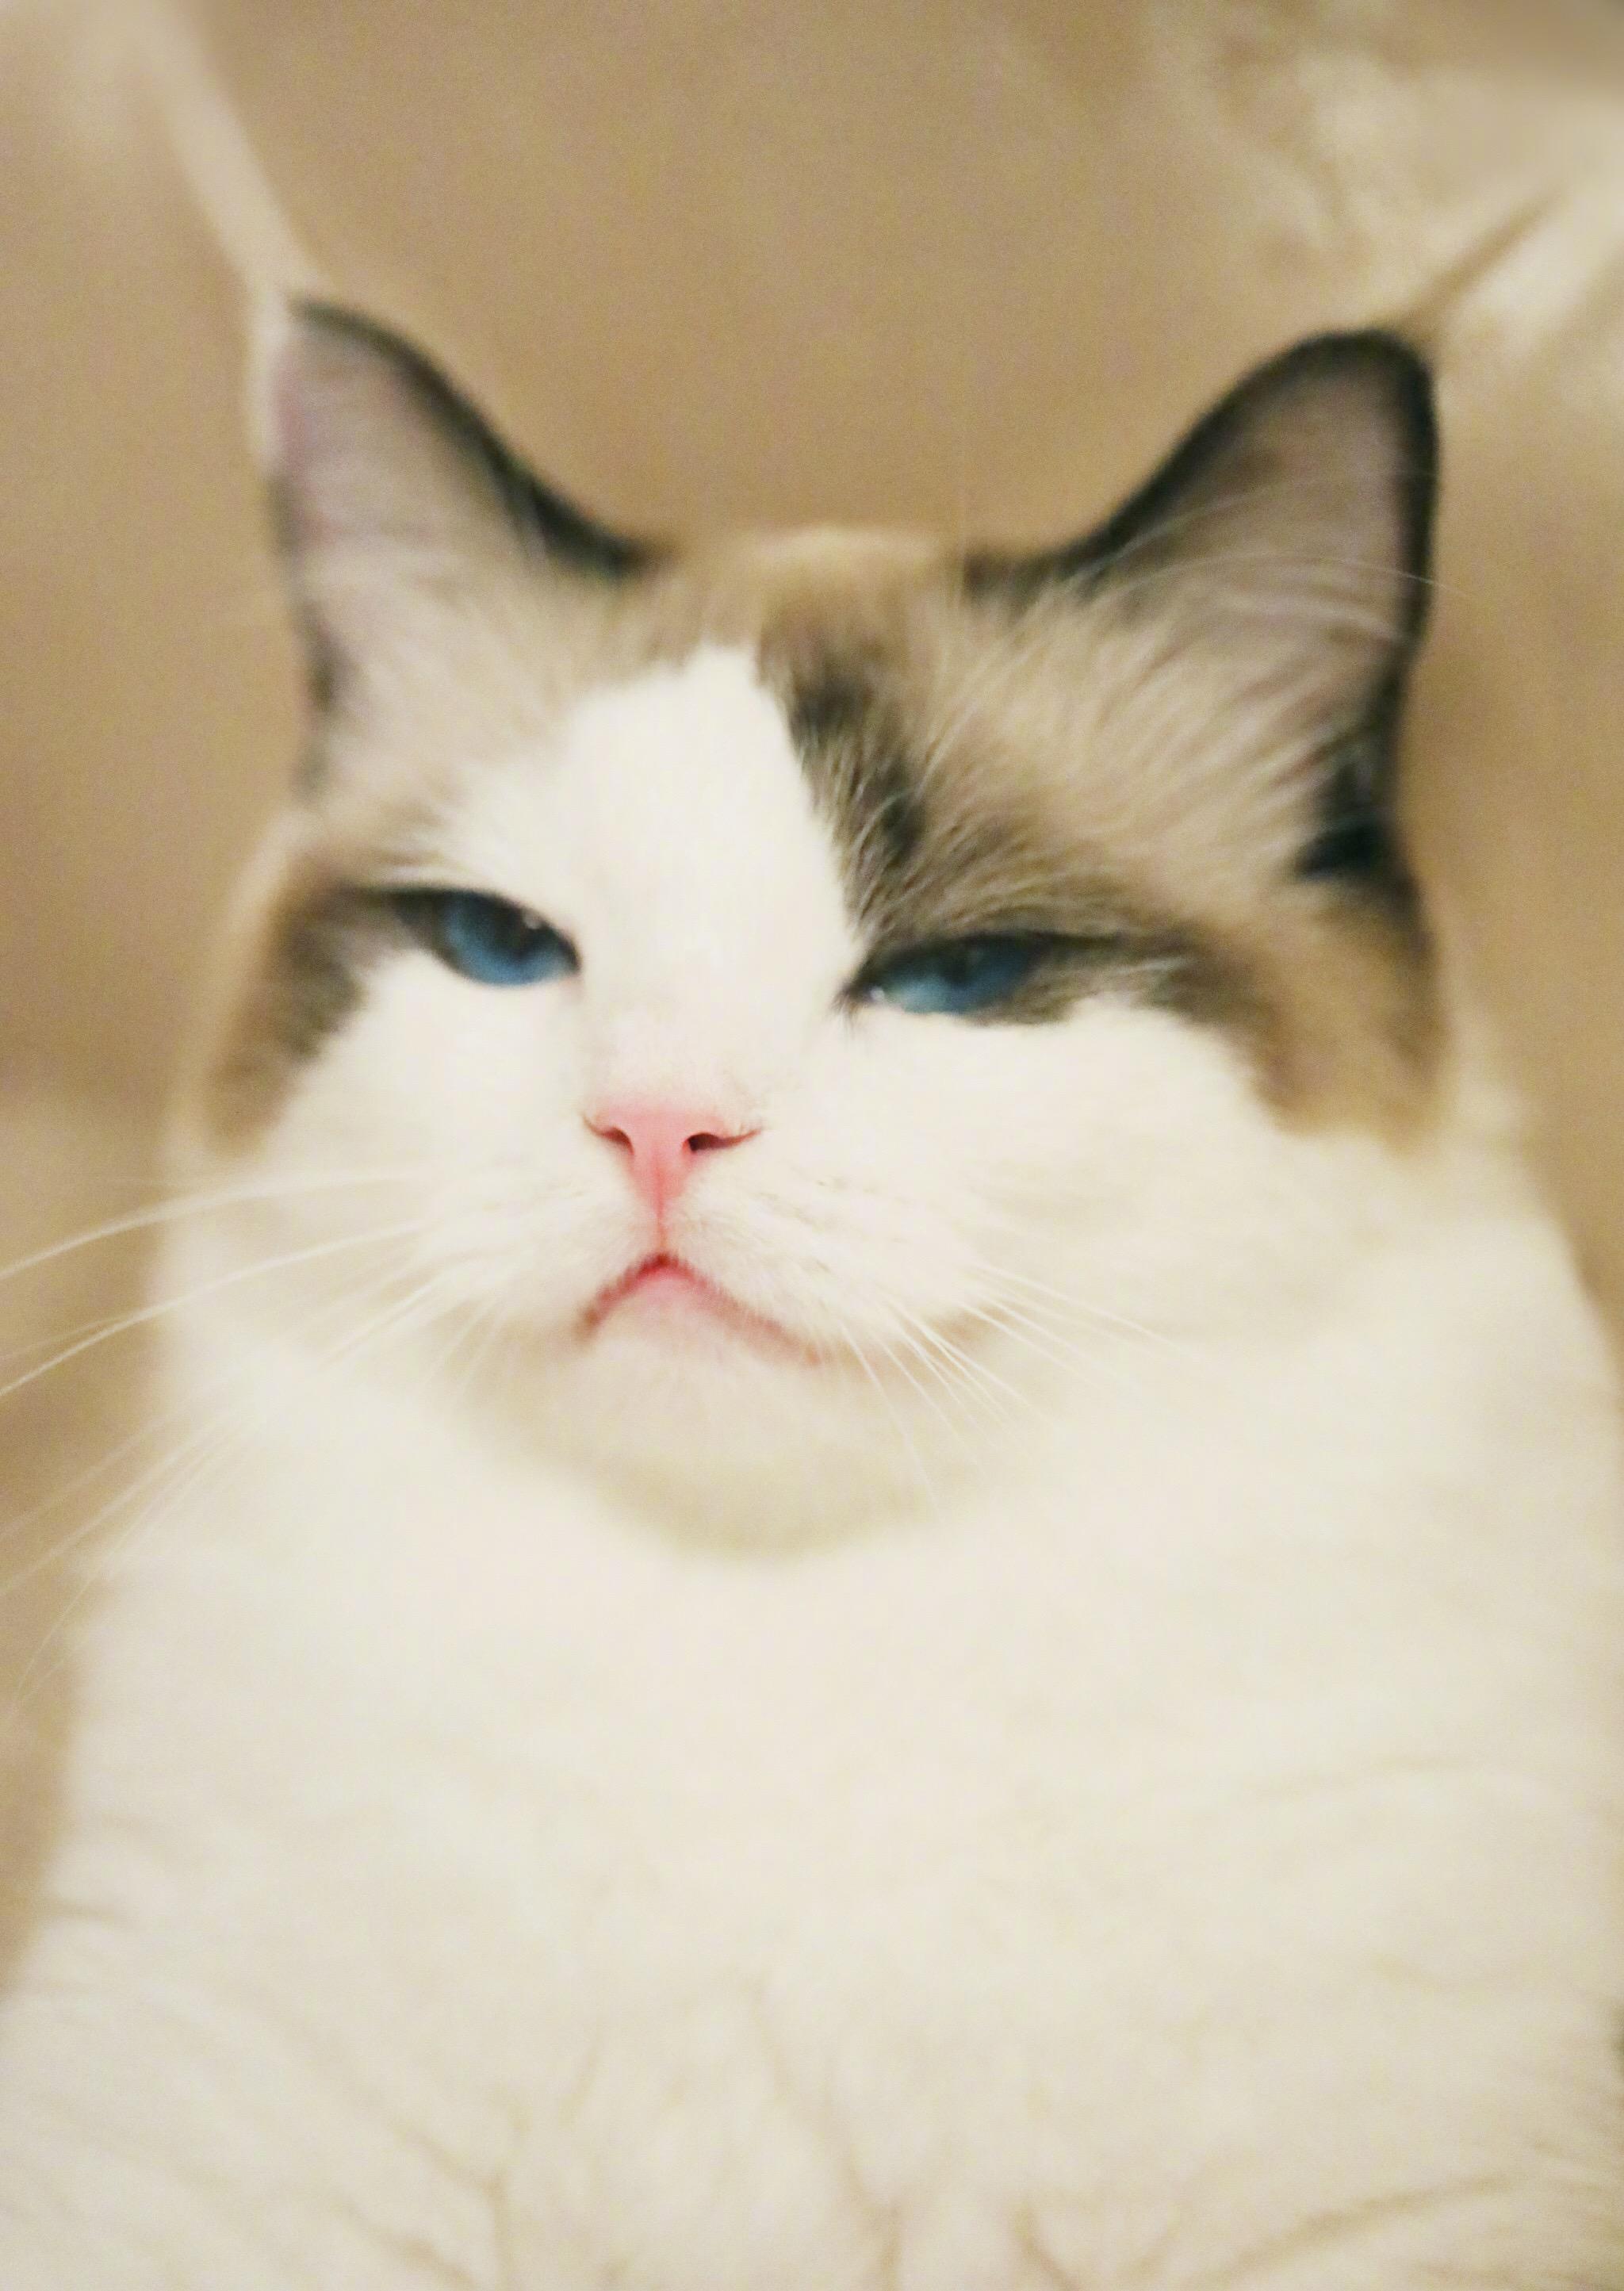 一群猫头像_有哪些好看的猫咪壁纸或头像? - 知乎